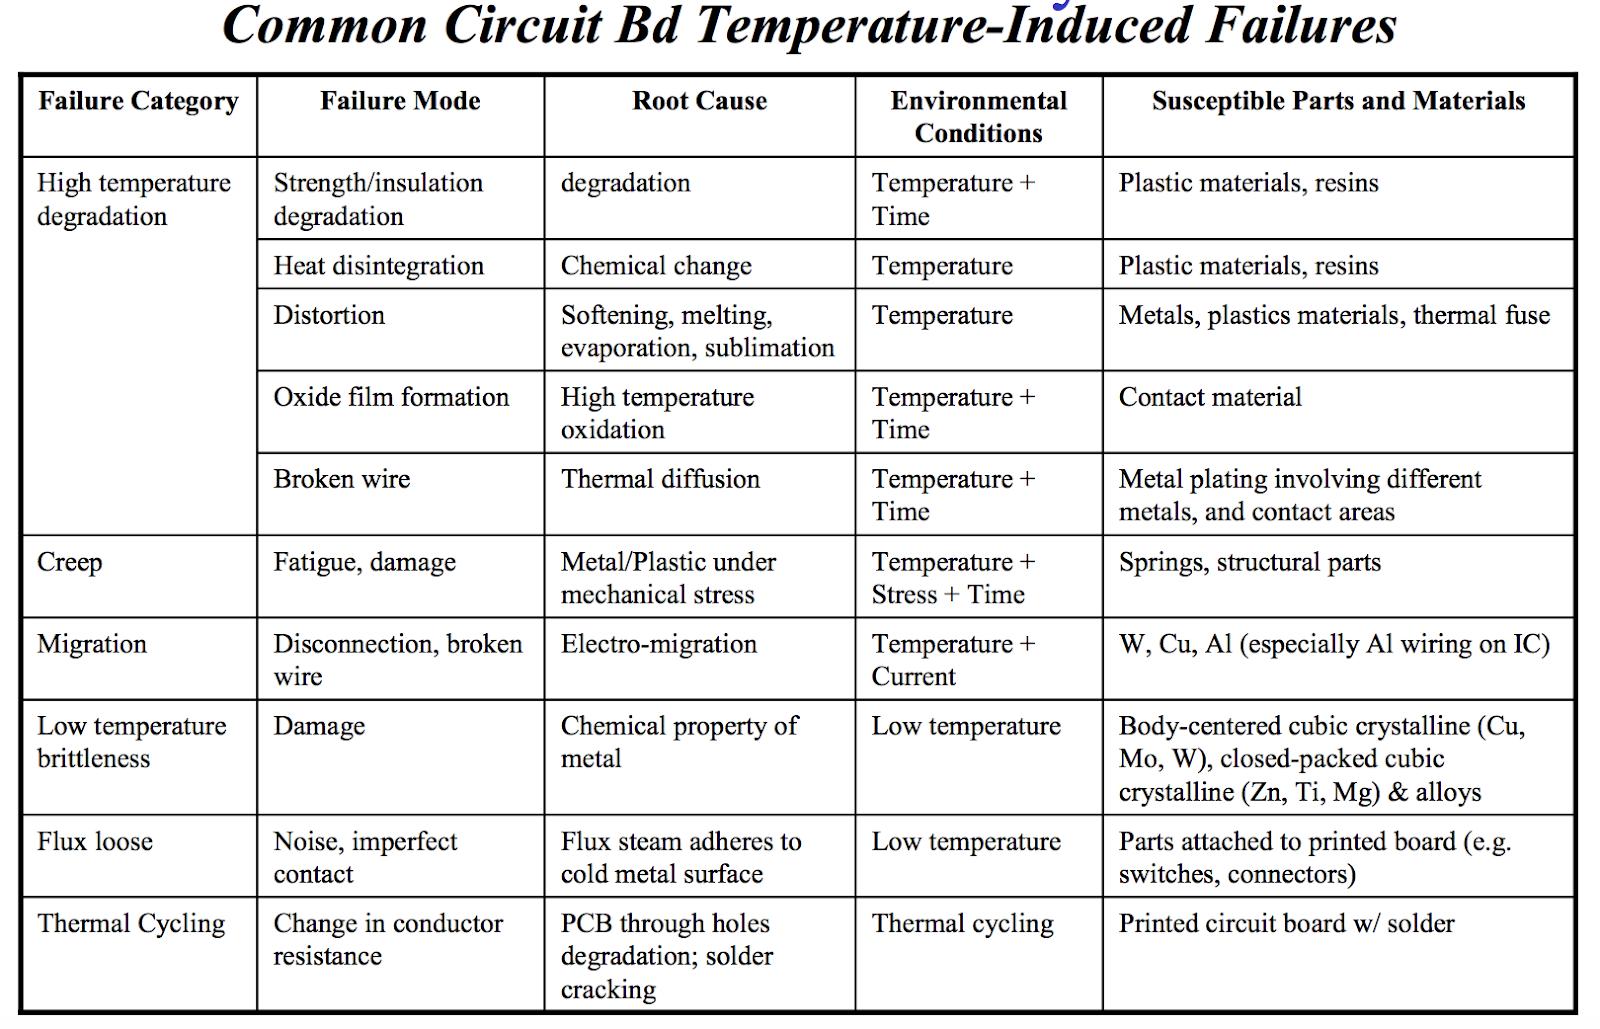 common circuit Bd temperature failures